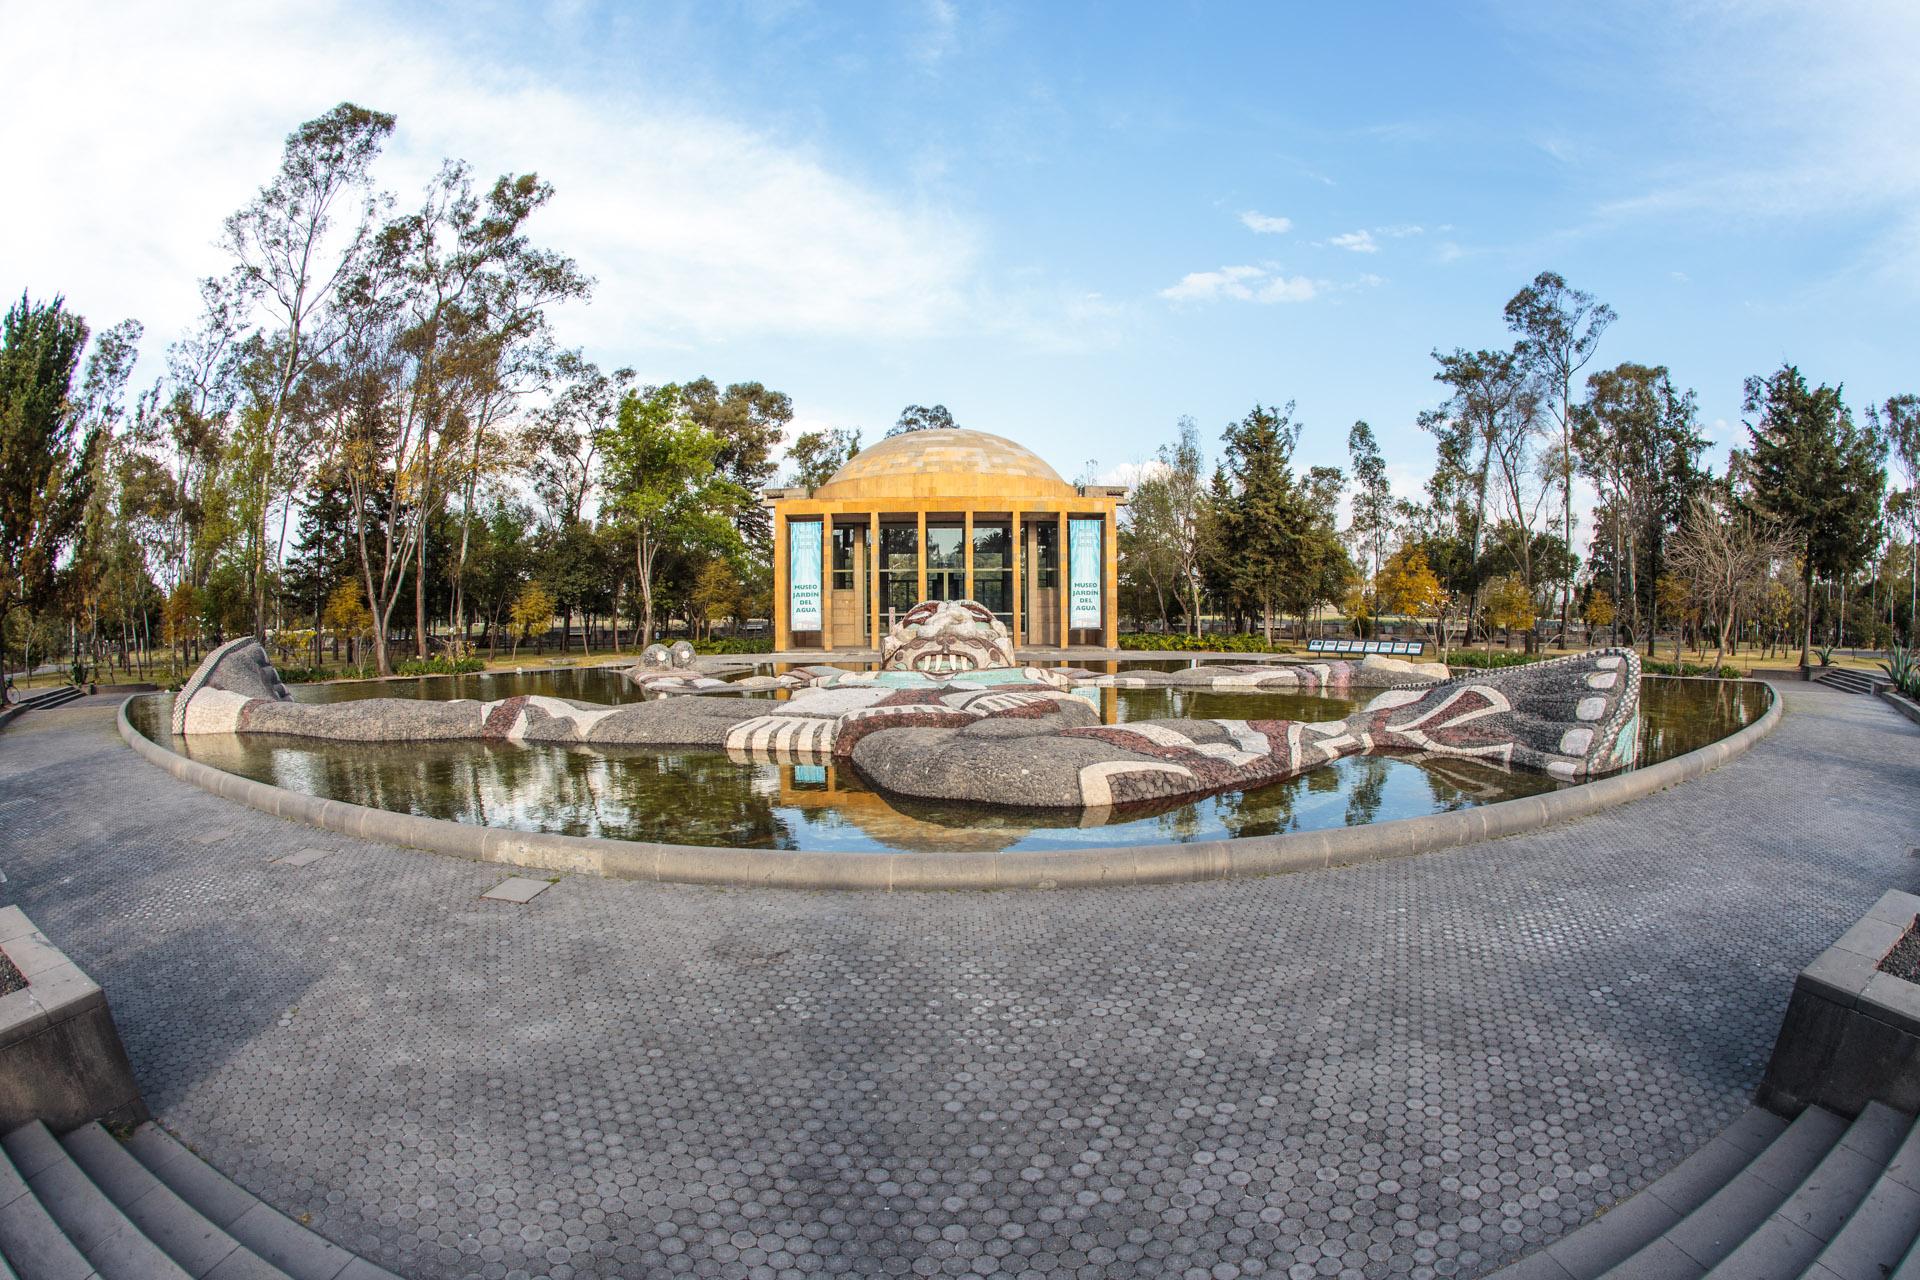 jardin-del-agua